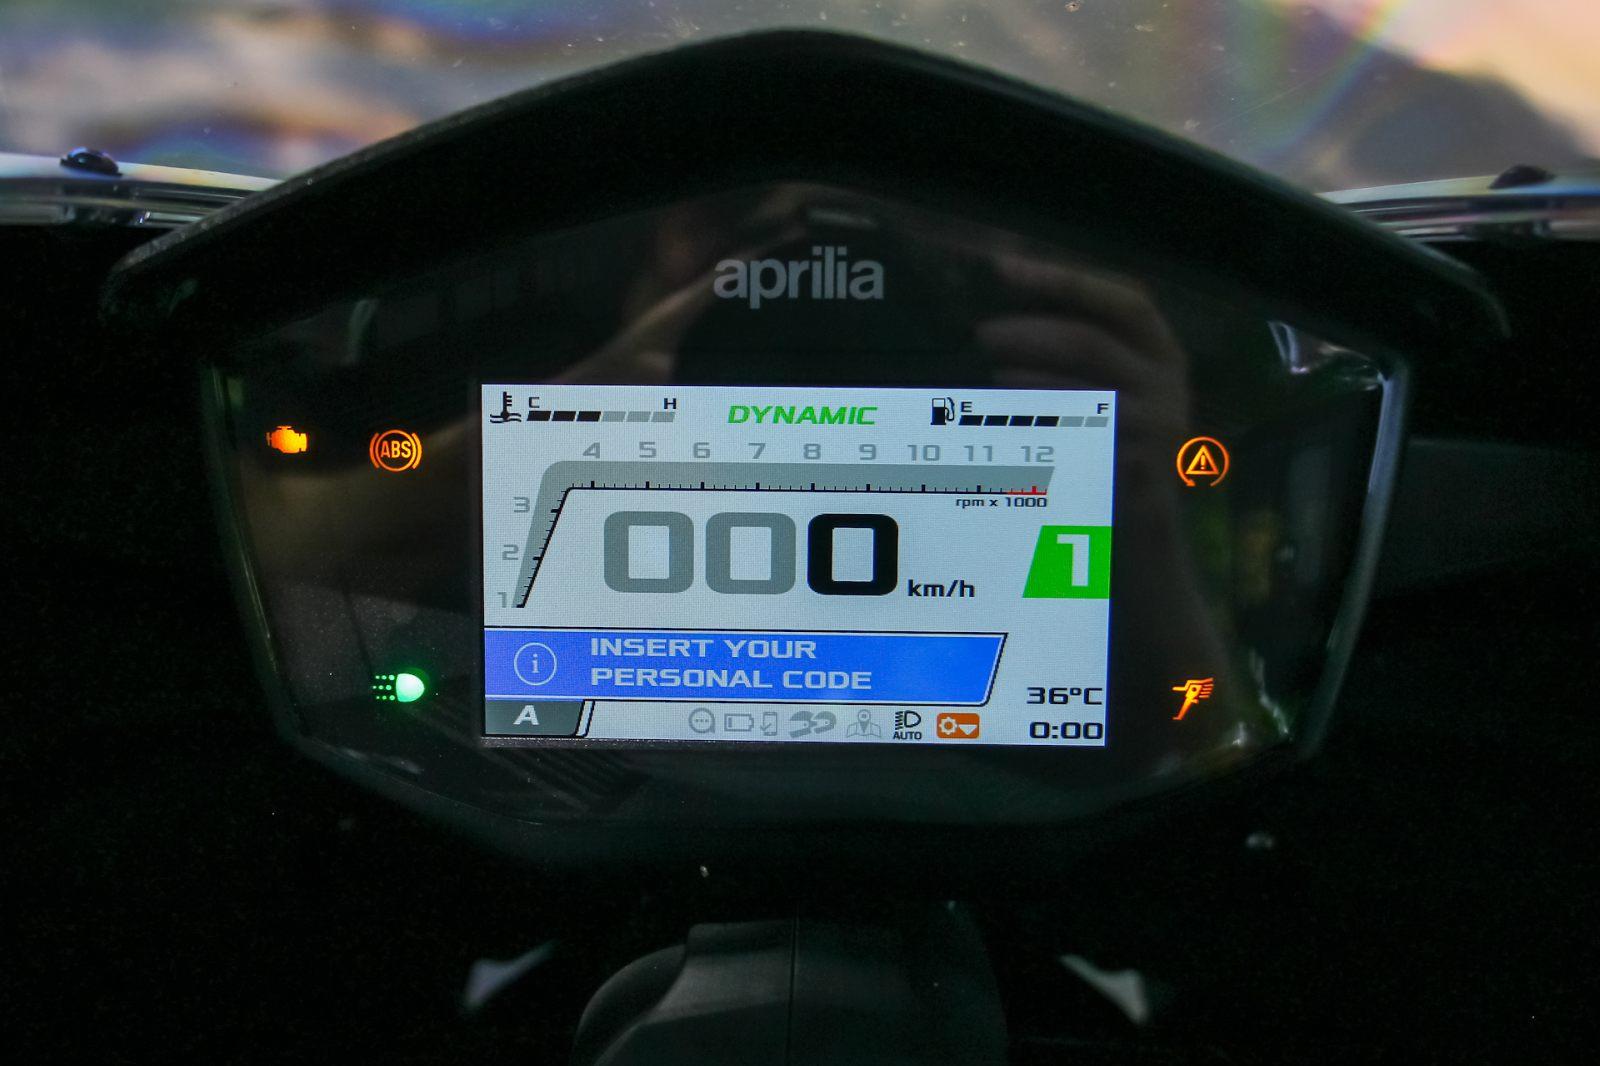 אפריליה RS660 במבחן